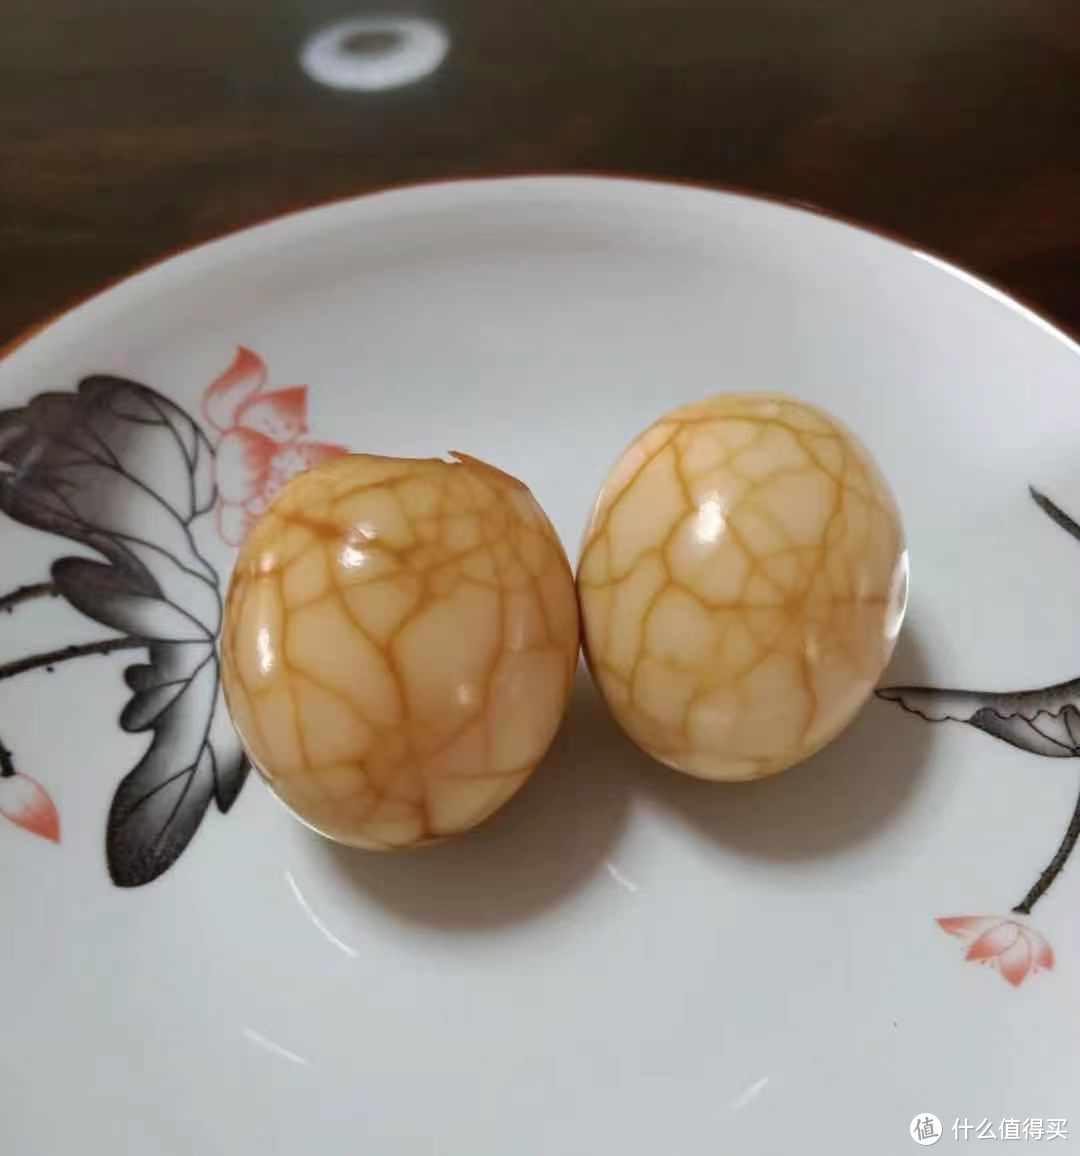 我终于对鸡蛋下手了,以后早餐可以吃自己做的五香茶叶蛋了